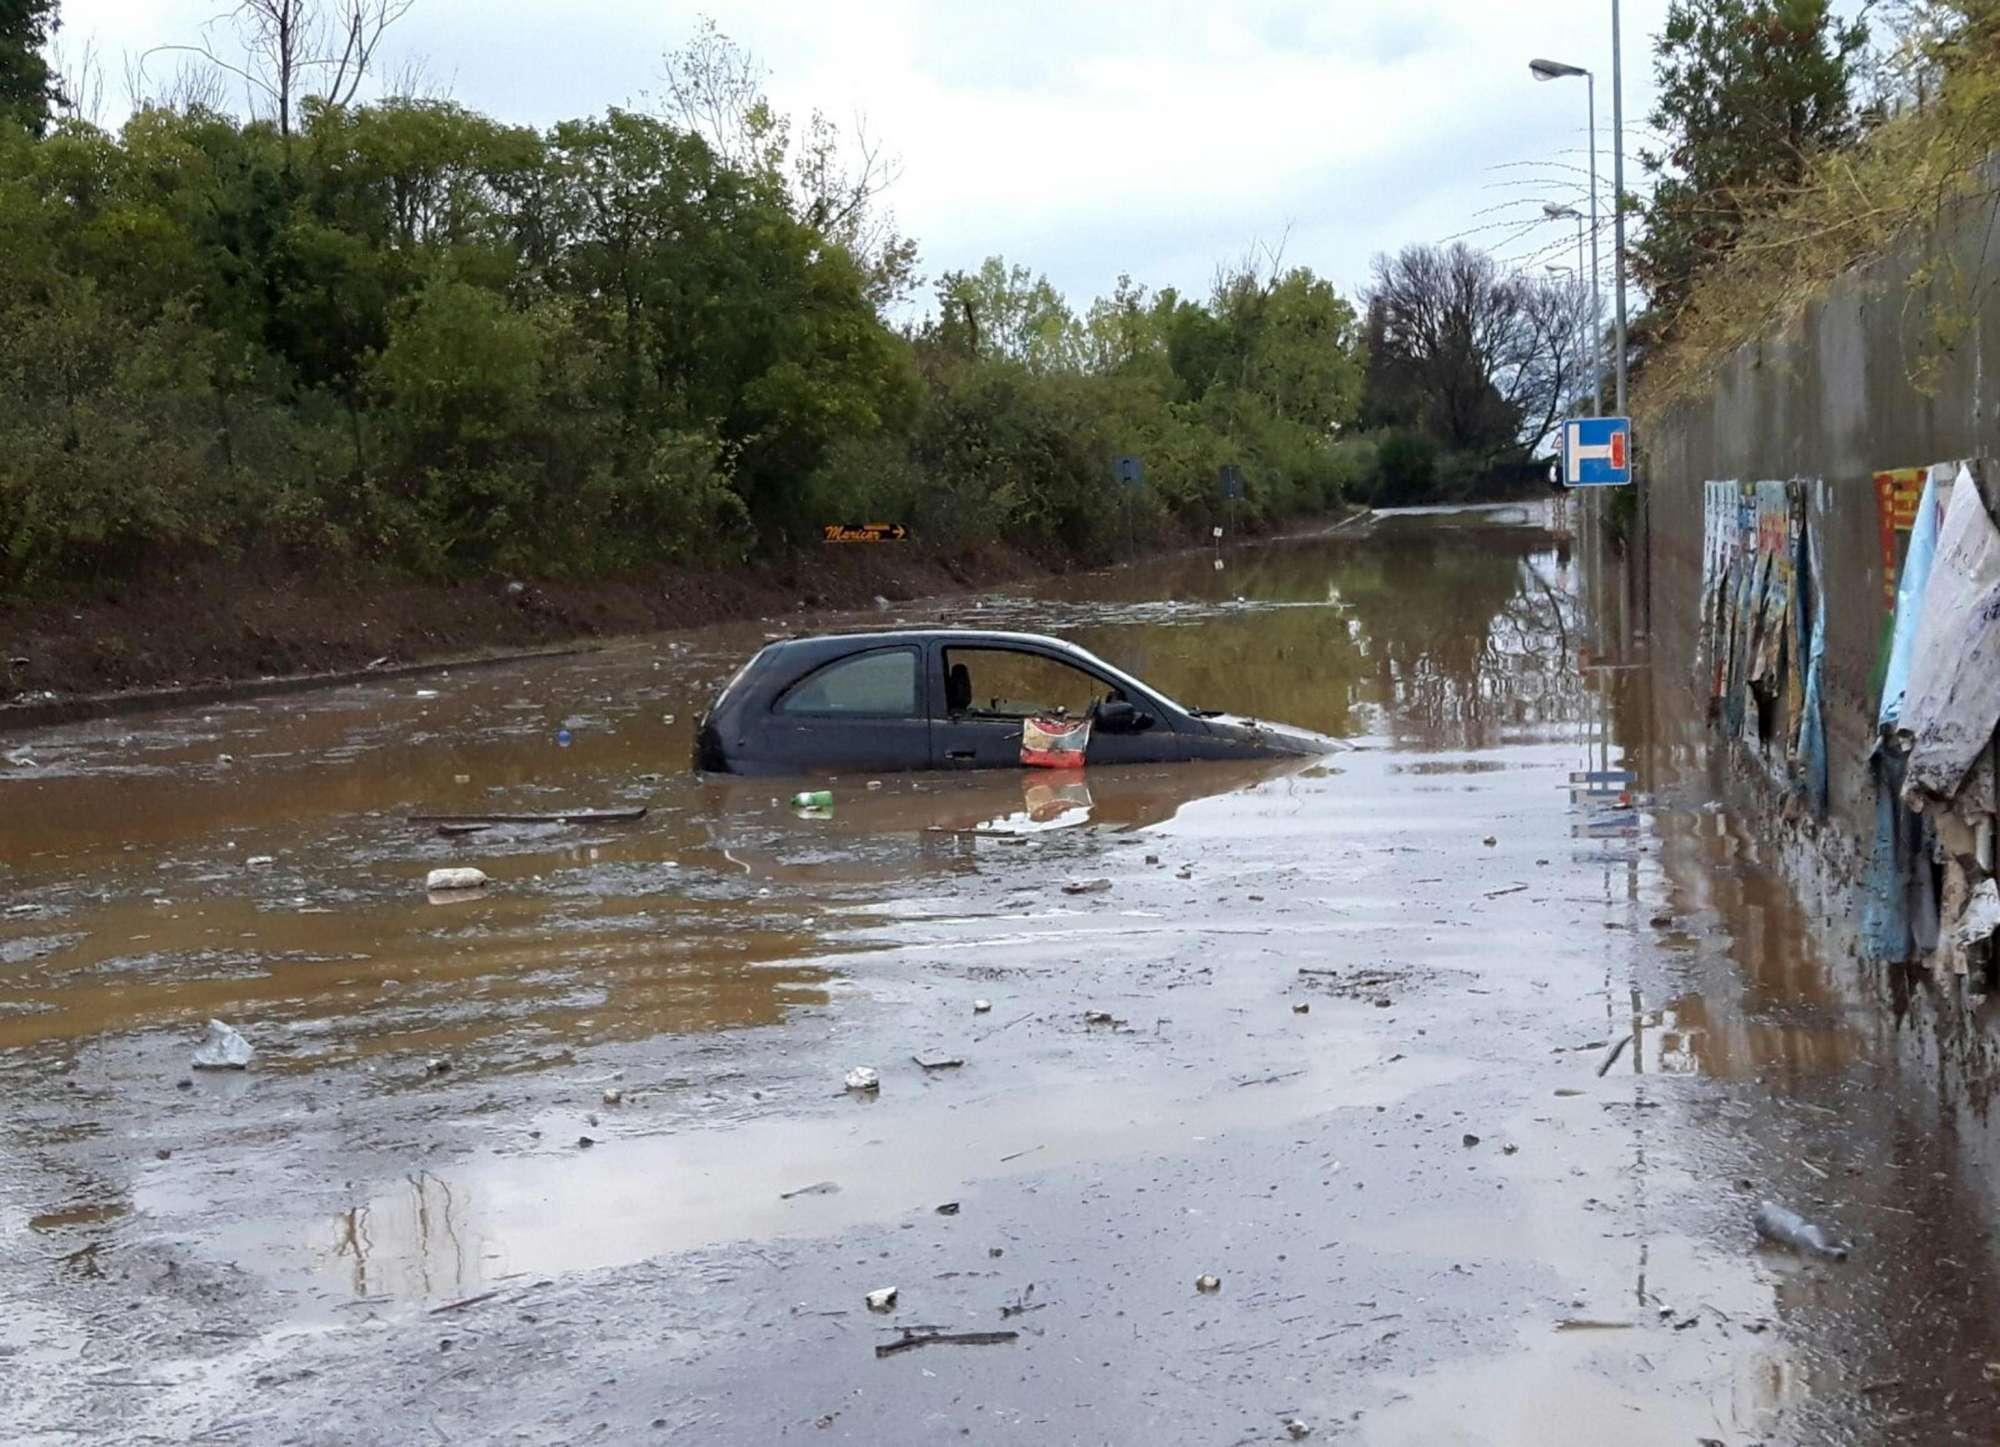 Përmbytje në Itali, të paktën 6 të vdekur dhe 2 të zhdukur (FOTO) - InfoShqip.com